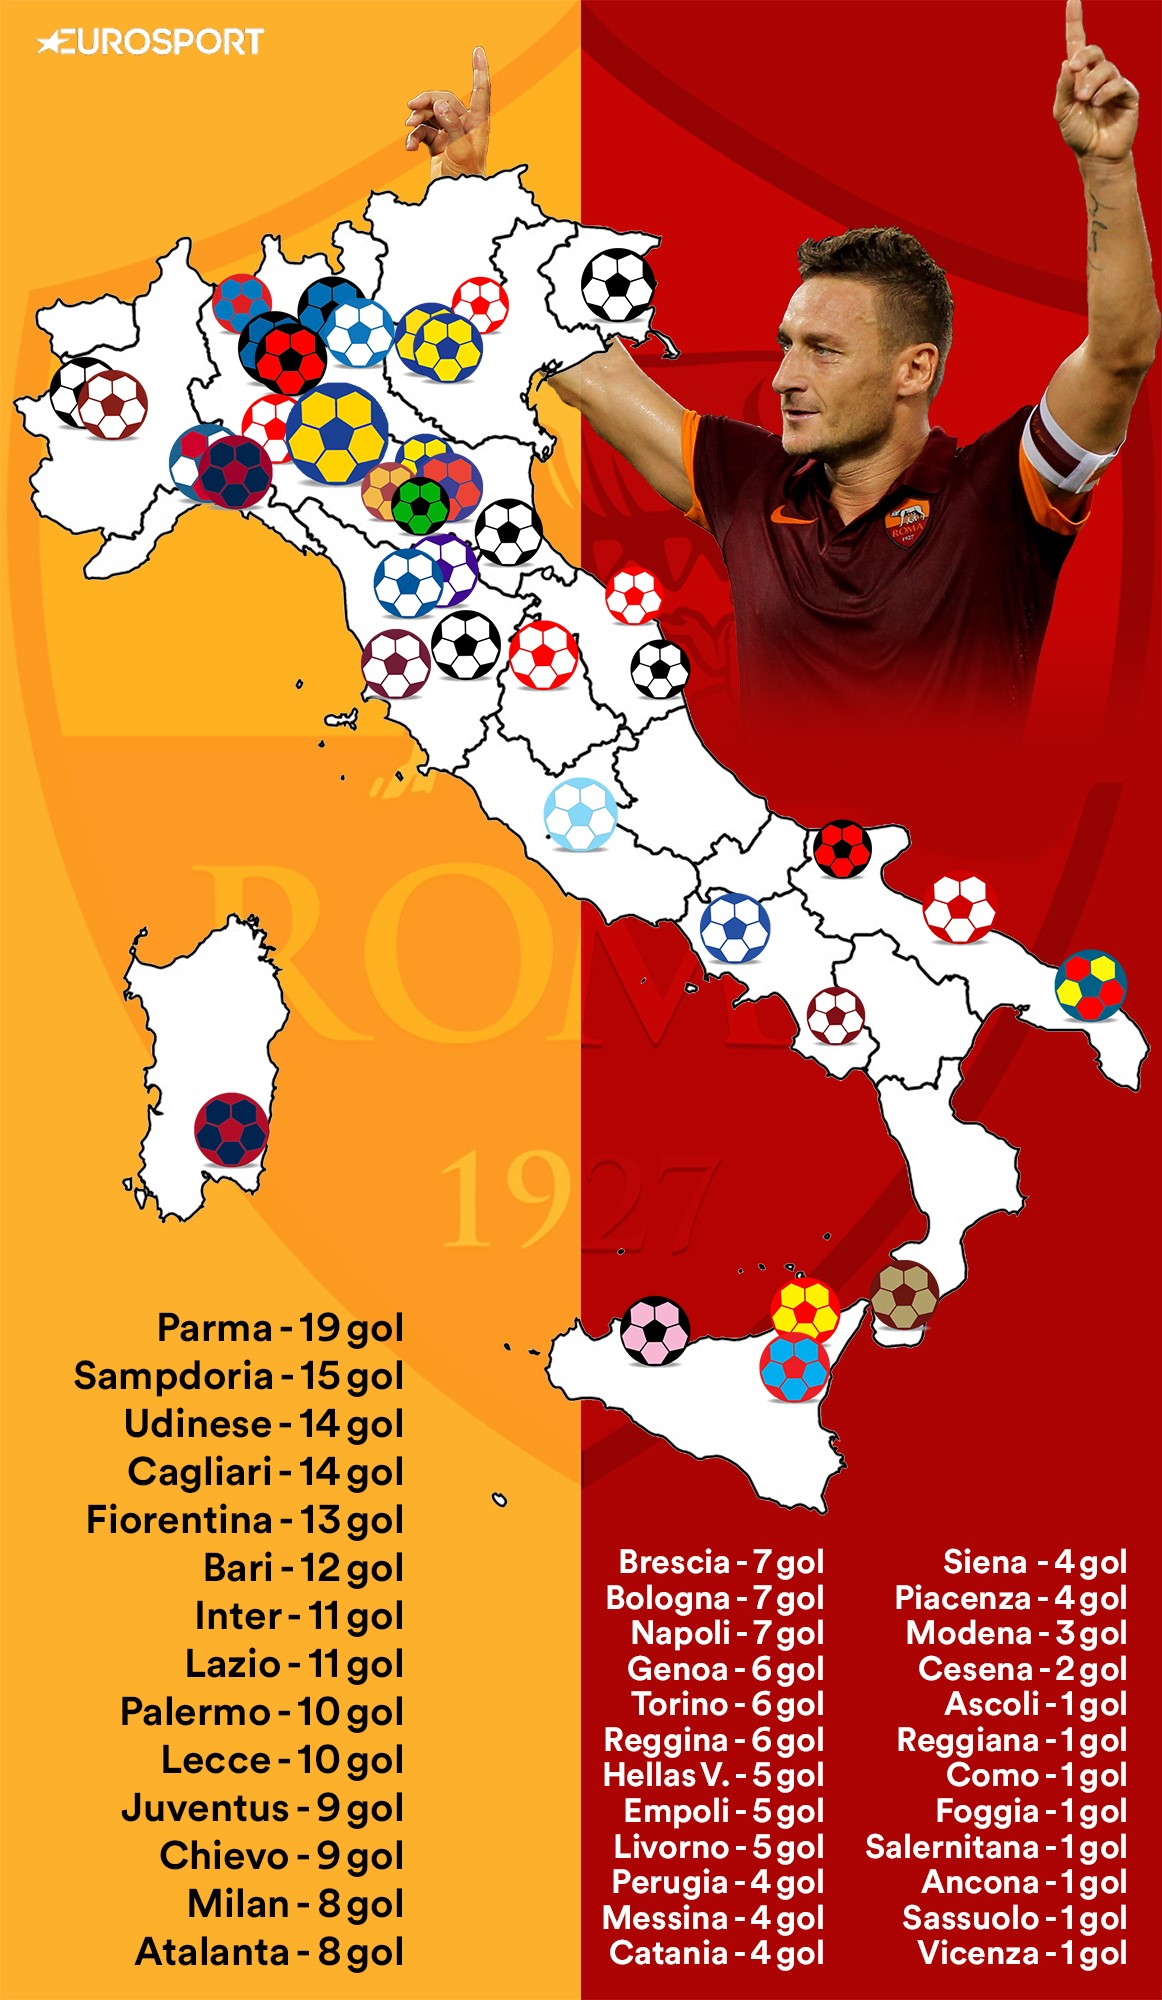 Contro chi ha segnato di più Totti? La mappa dei gol del capitano della Roma in Serie A